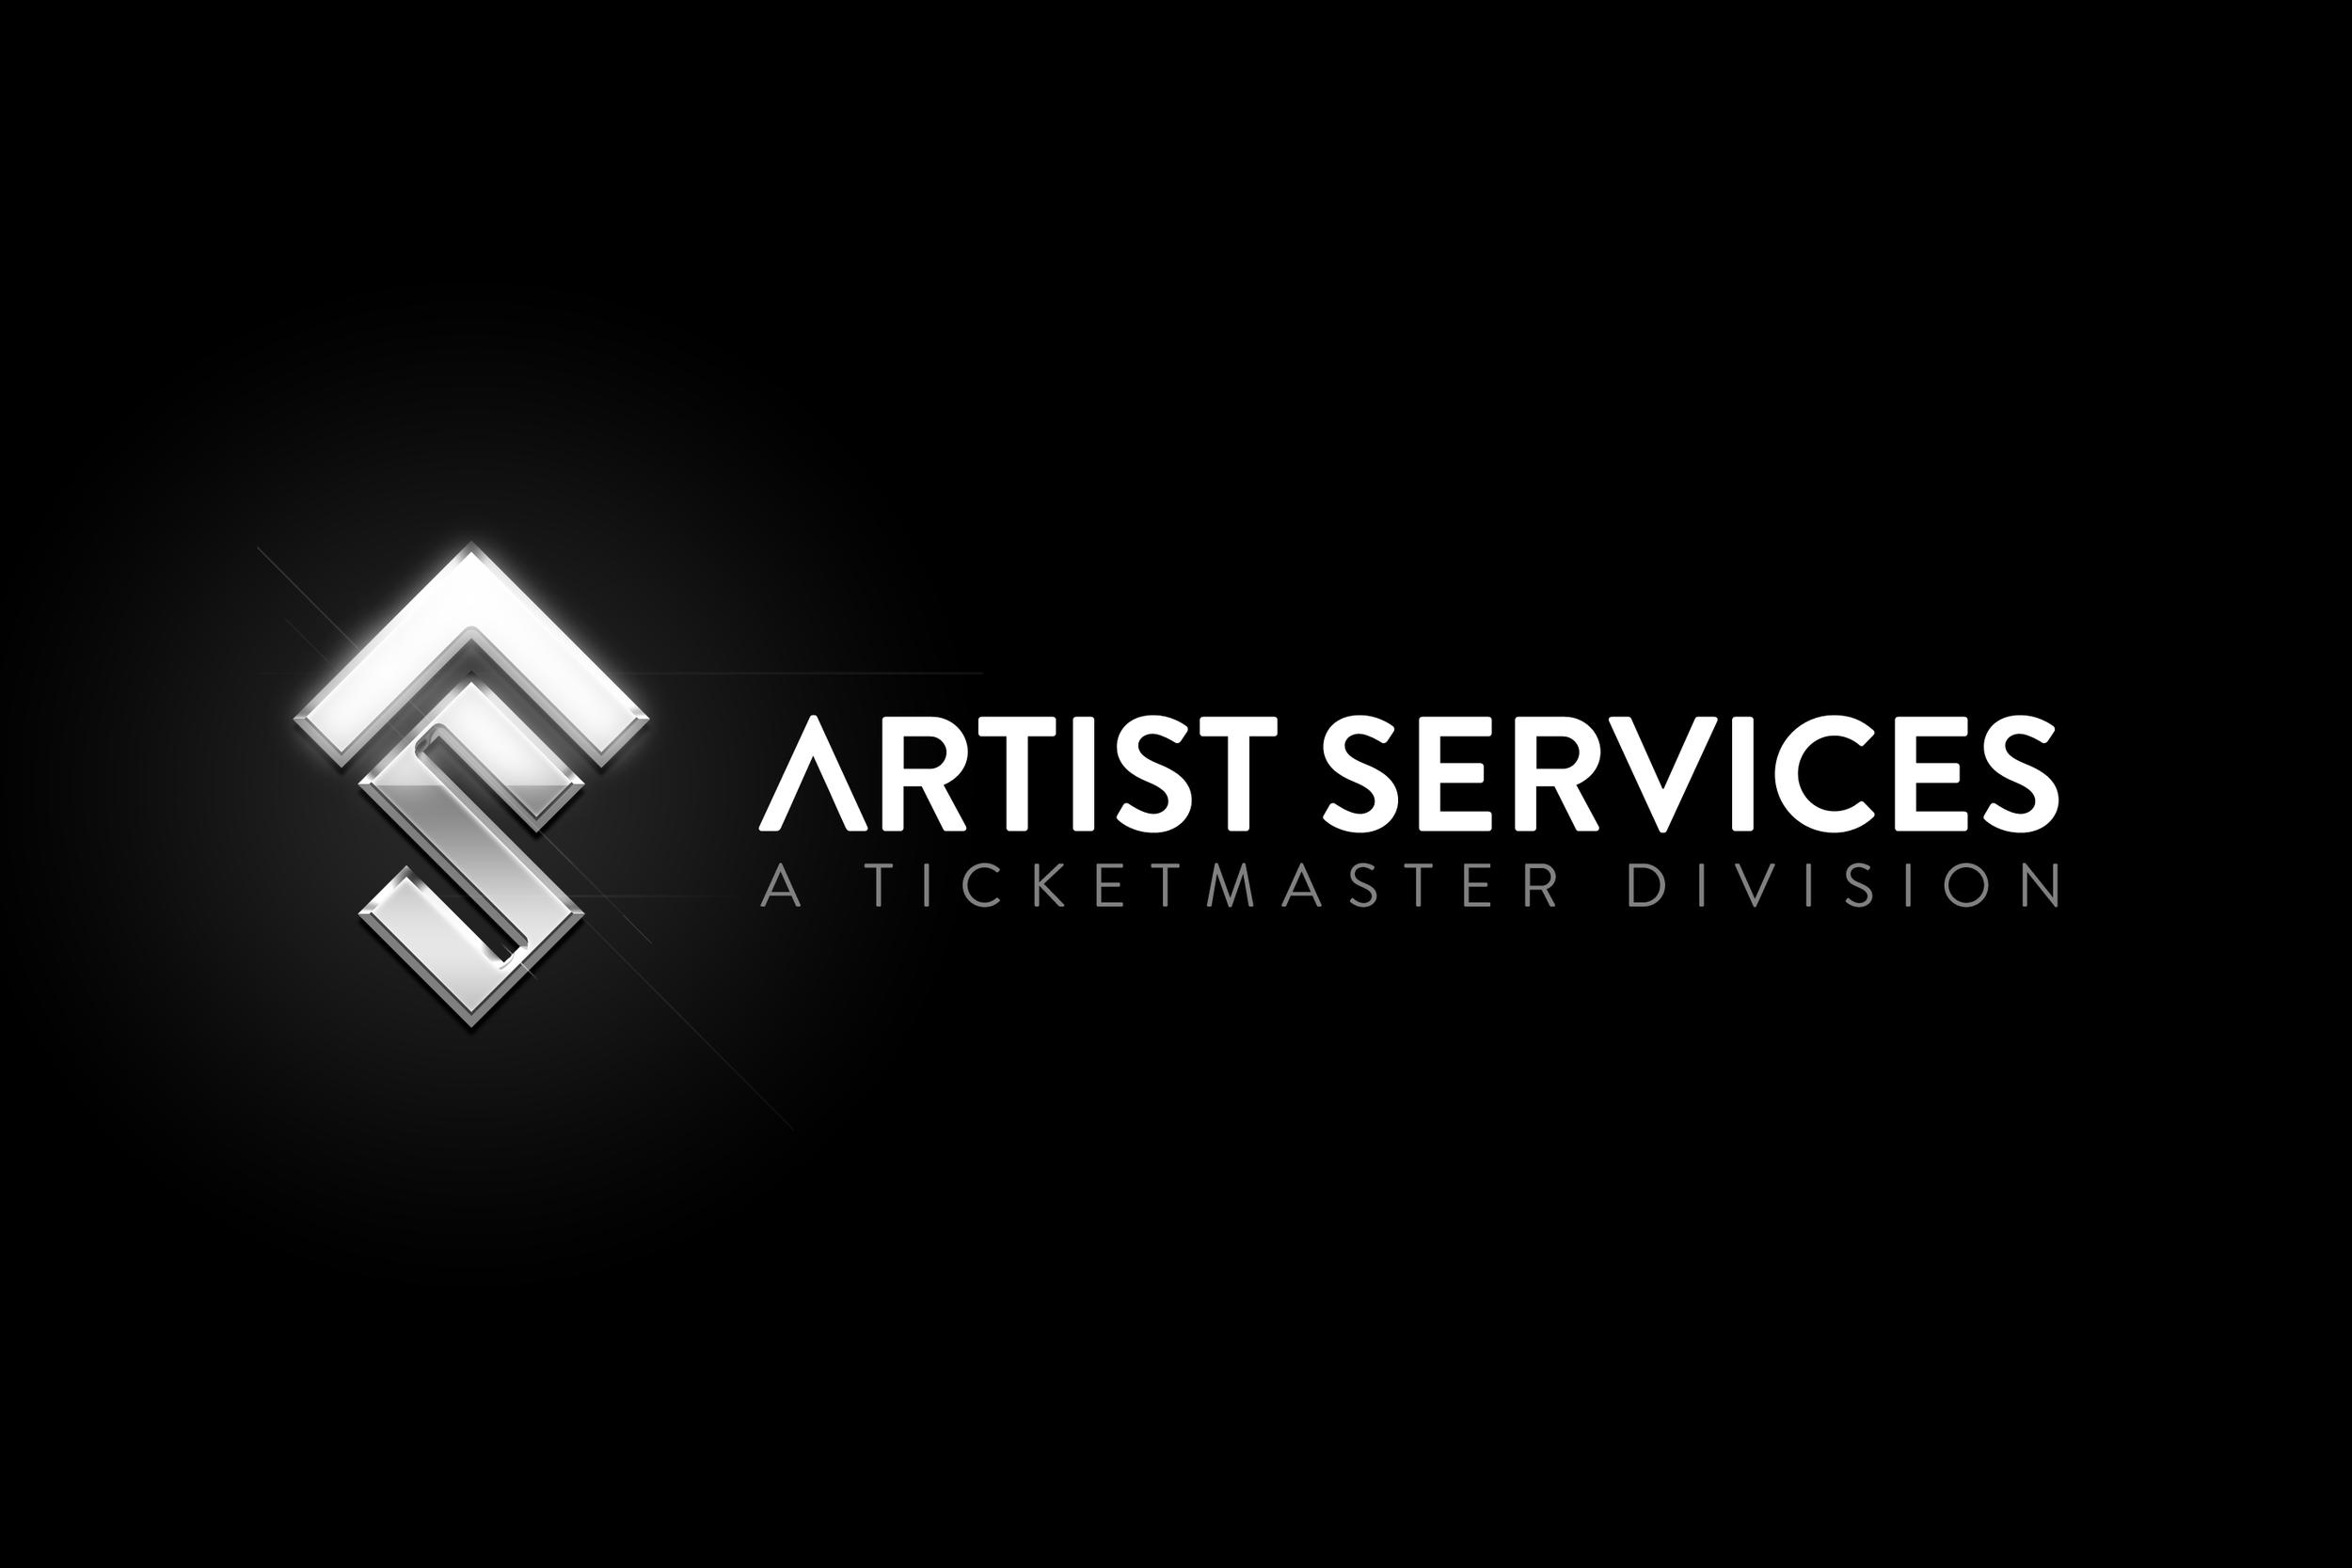 Artist Services Concept 3